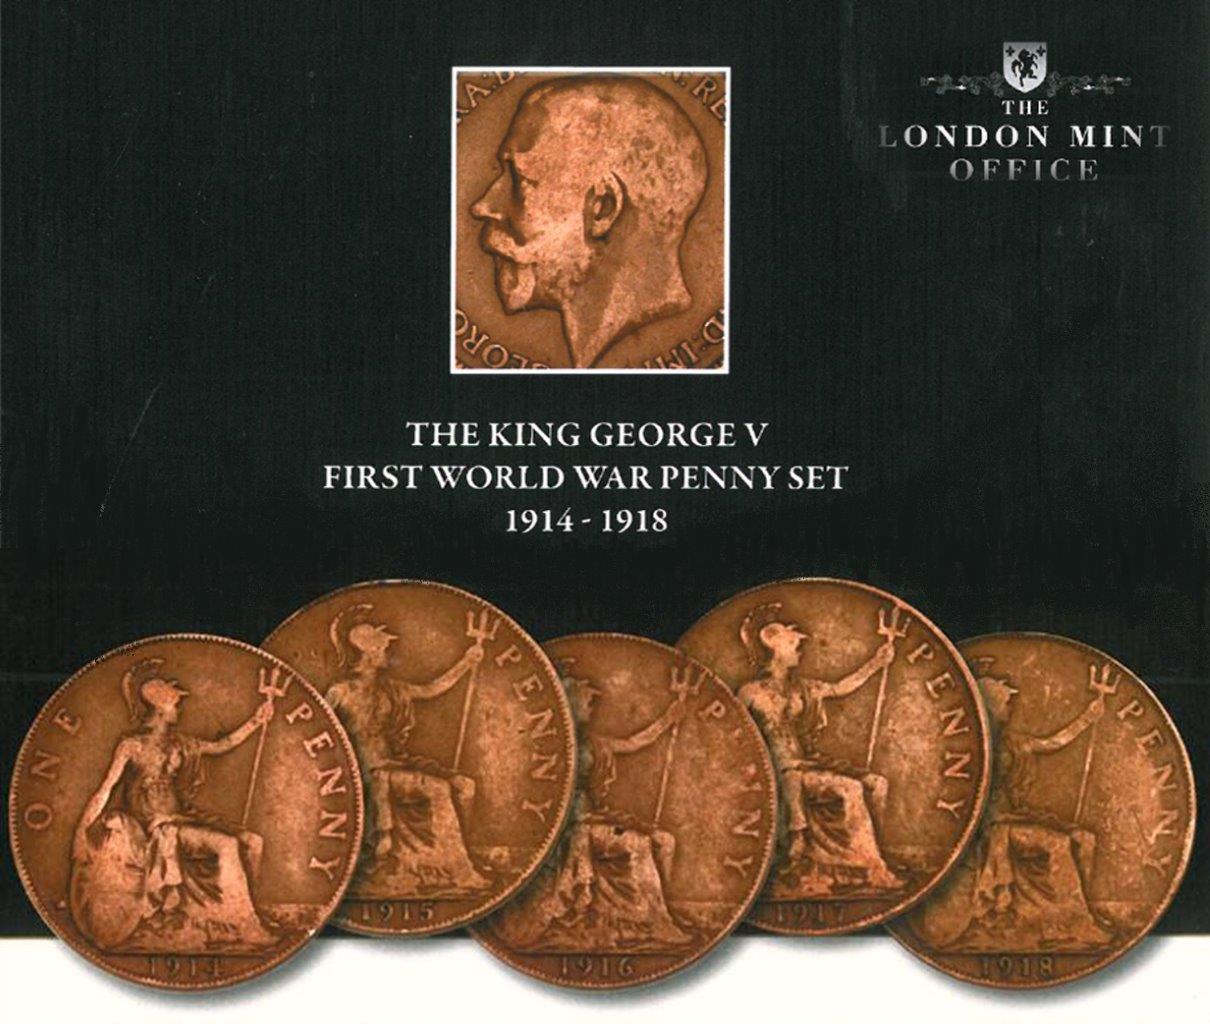 First World War Penny Set 1914 - 1918